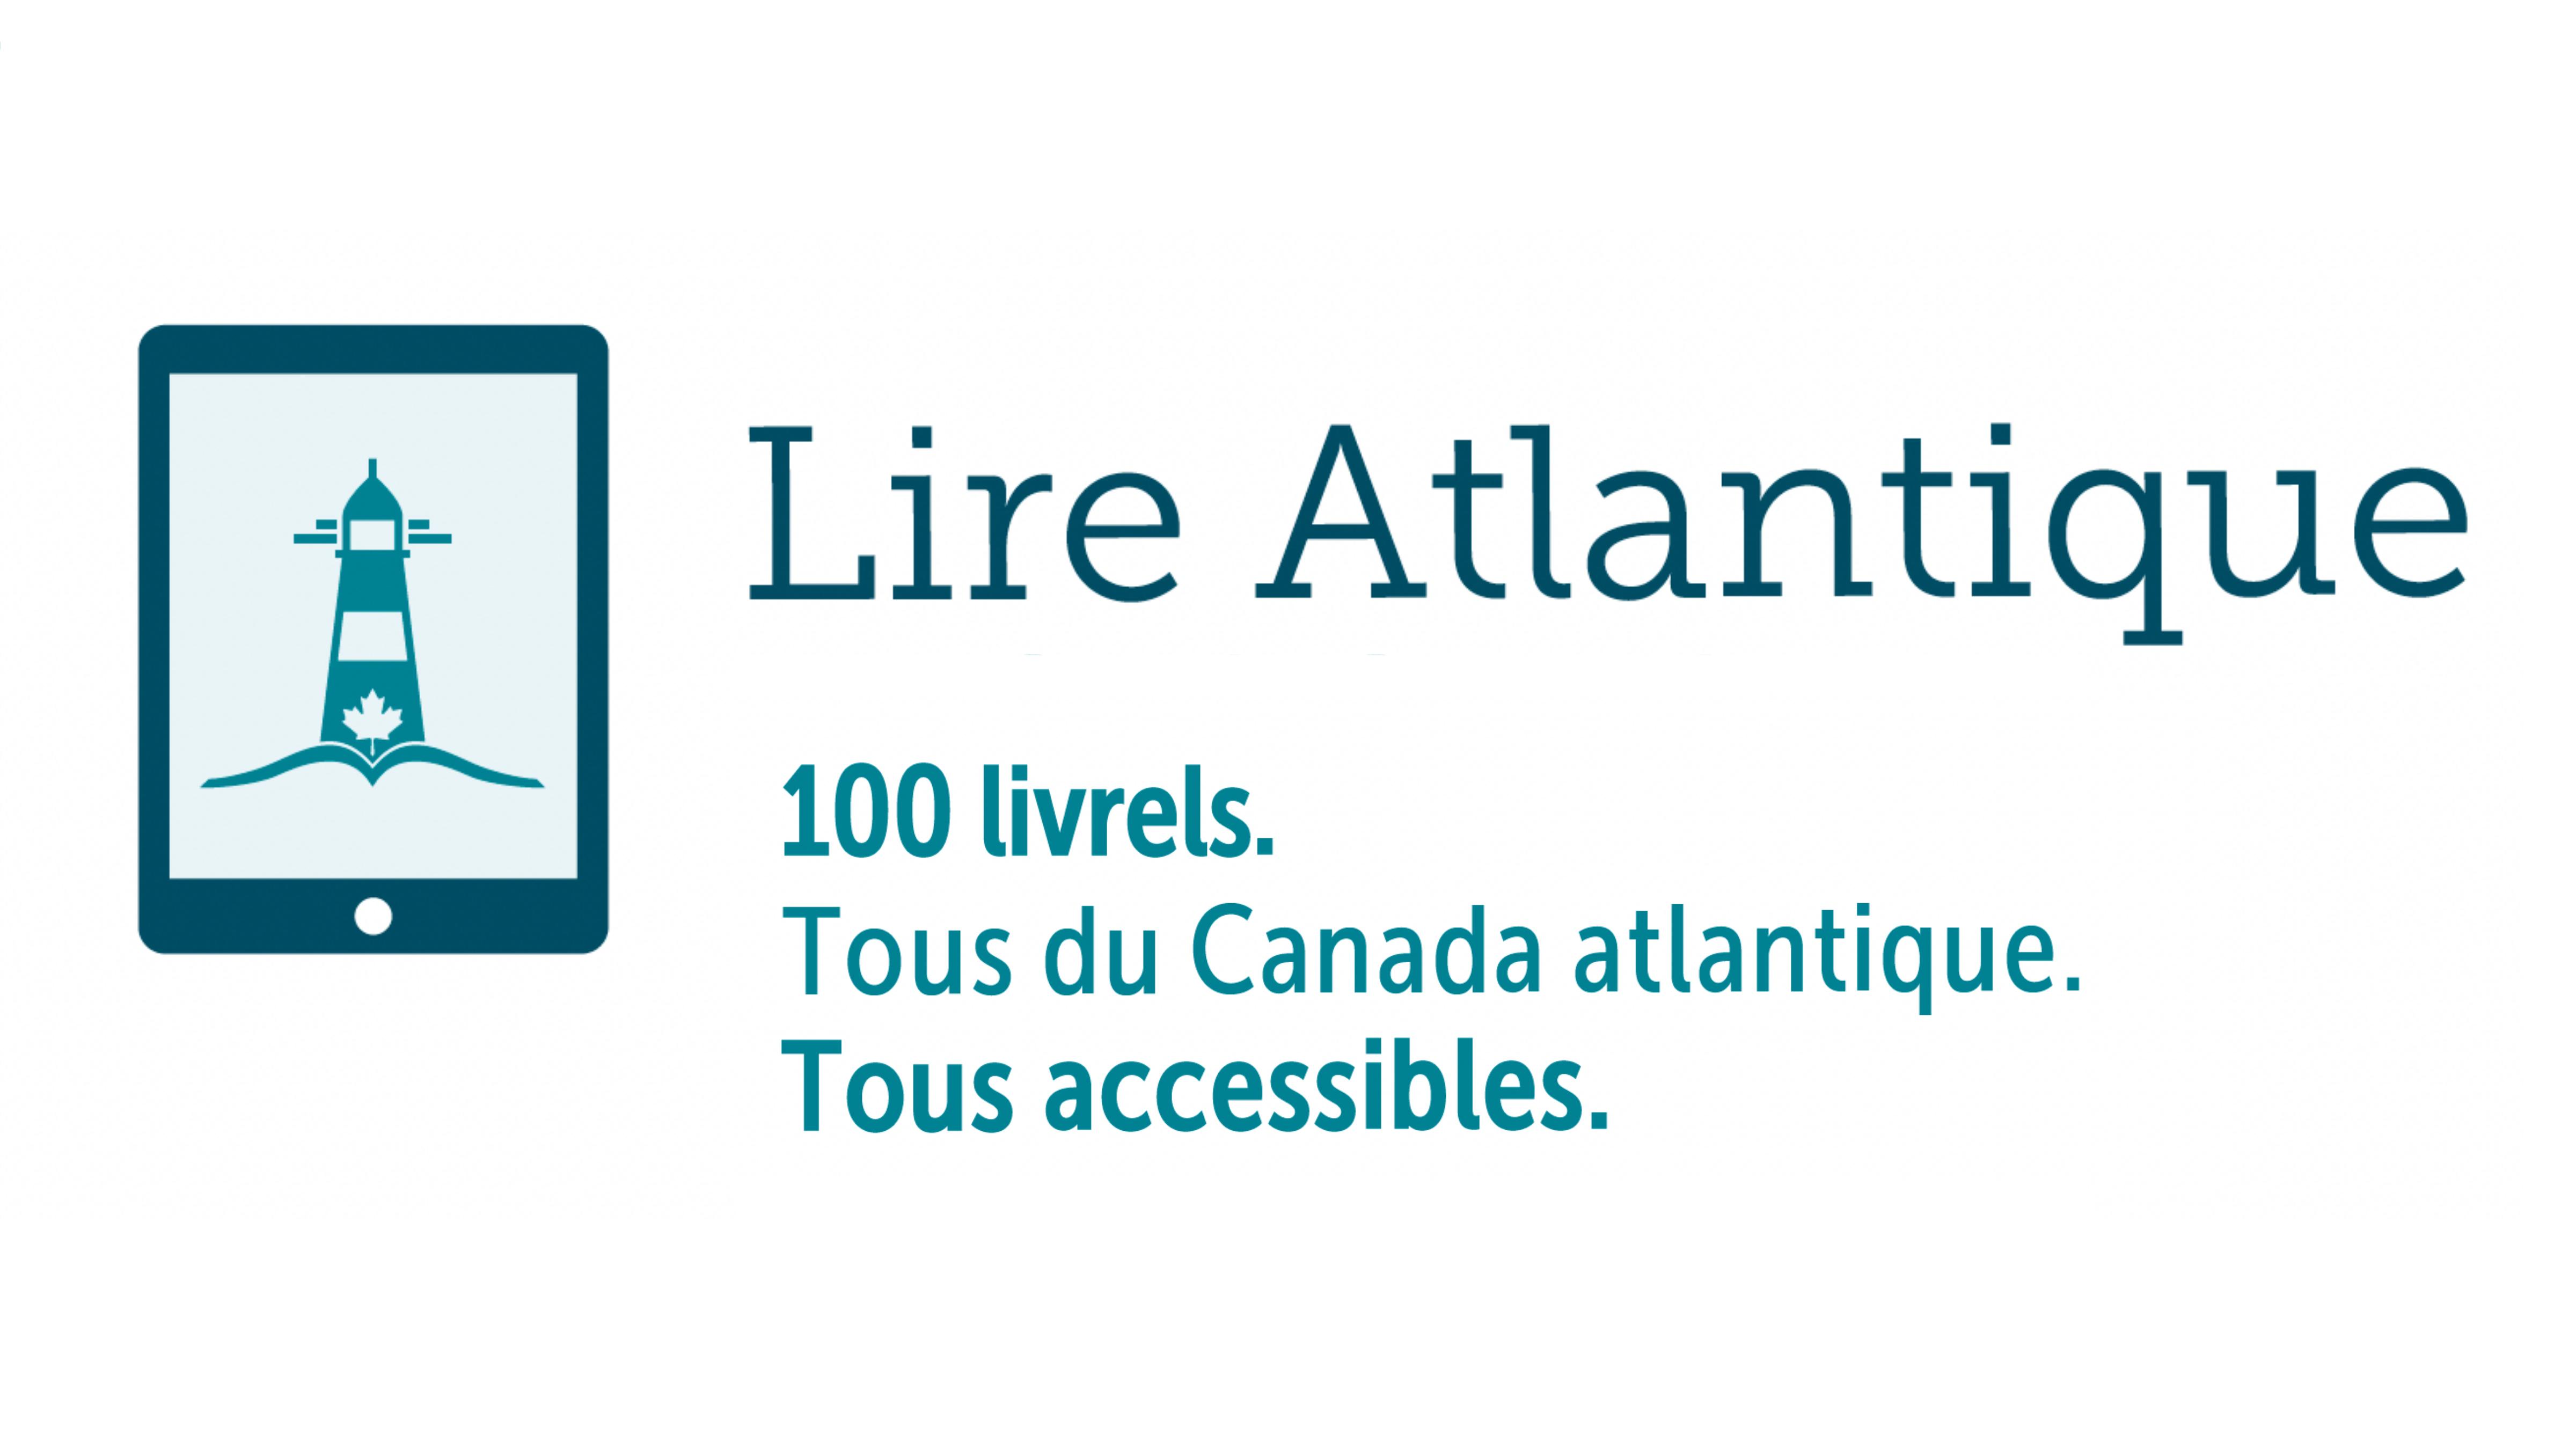 Lire Atlantique